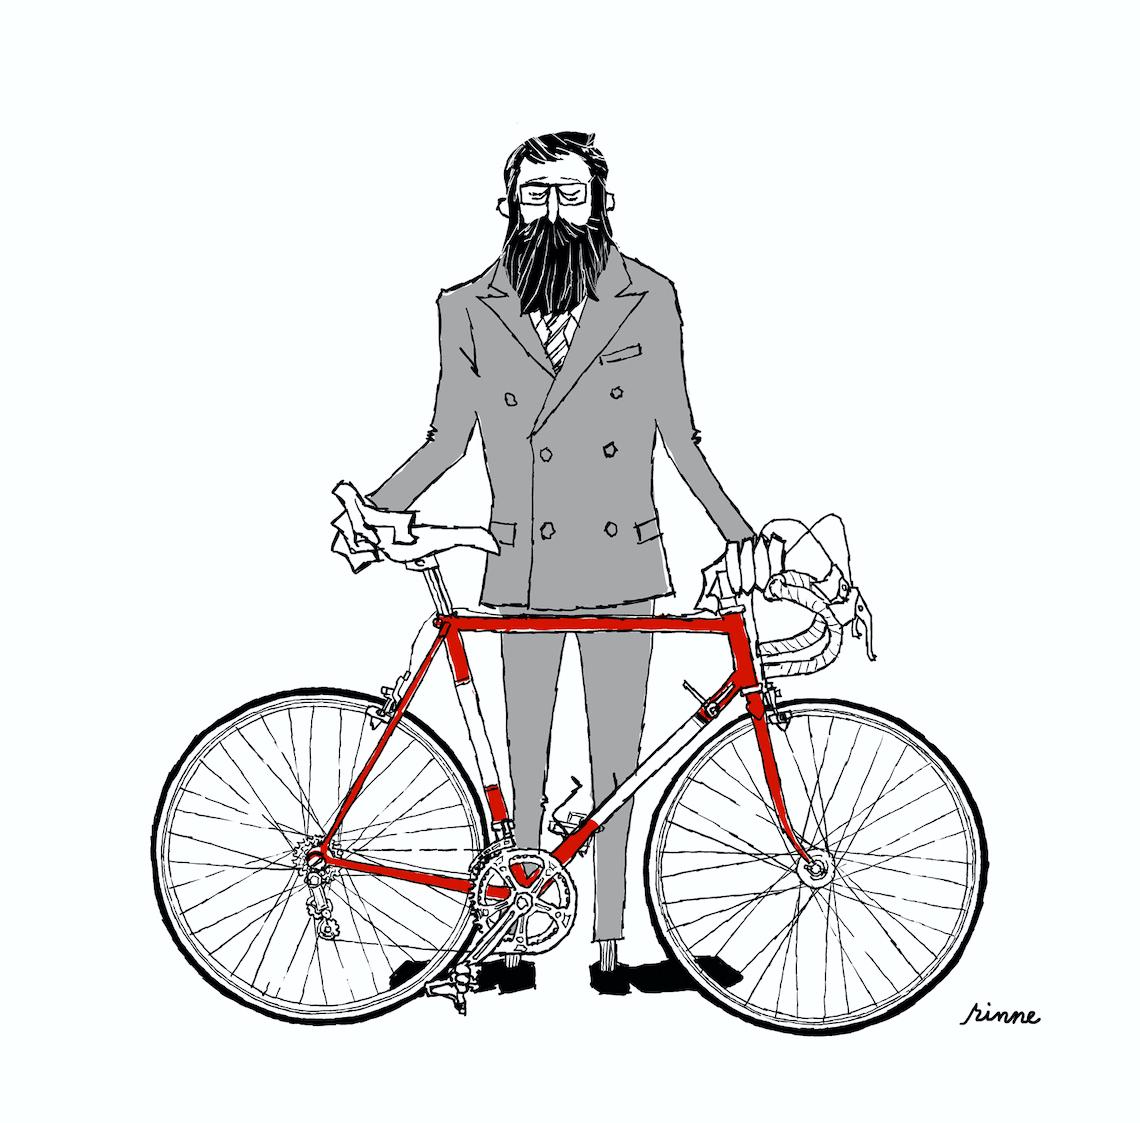 Rinne. Le illustrazioni di Tetsuro Ohno_Gentle_cyclist